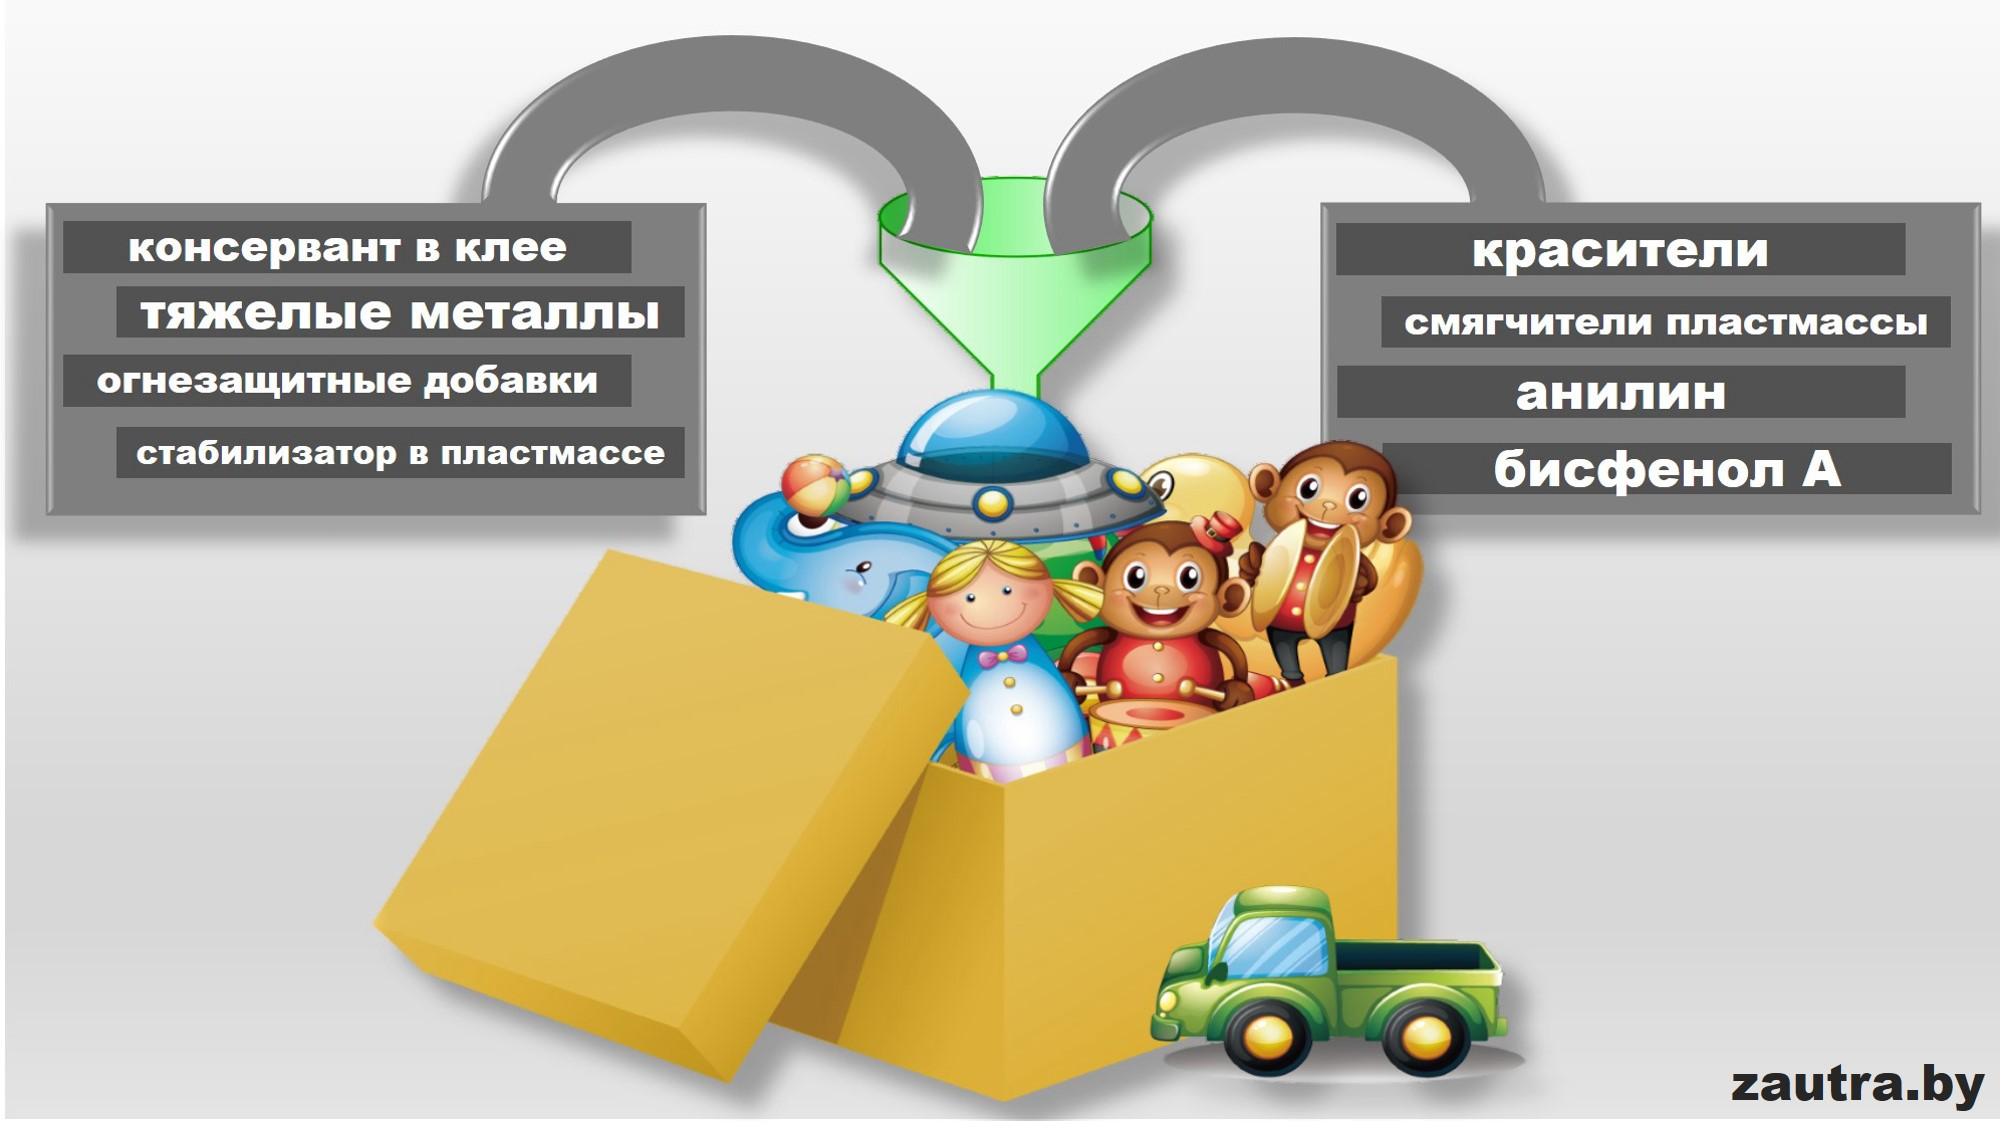 Распространенные вредные вещества, которые встречаются в игрушках